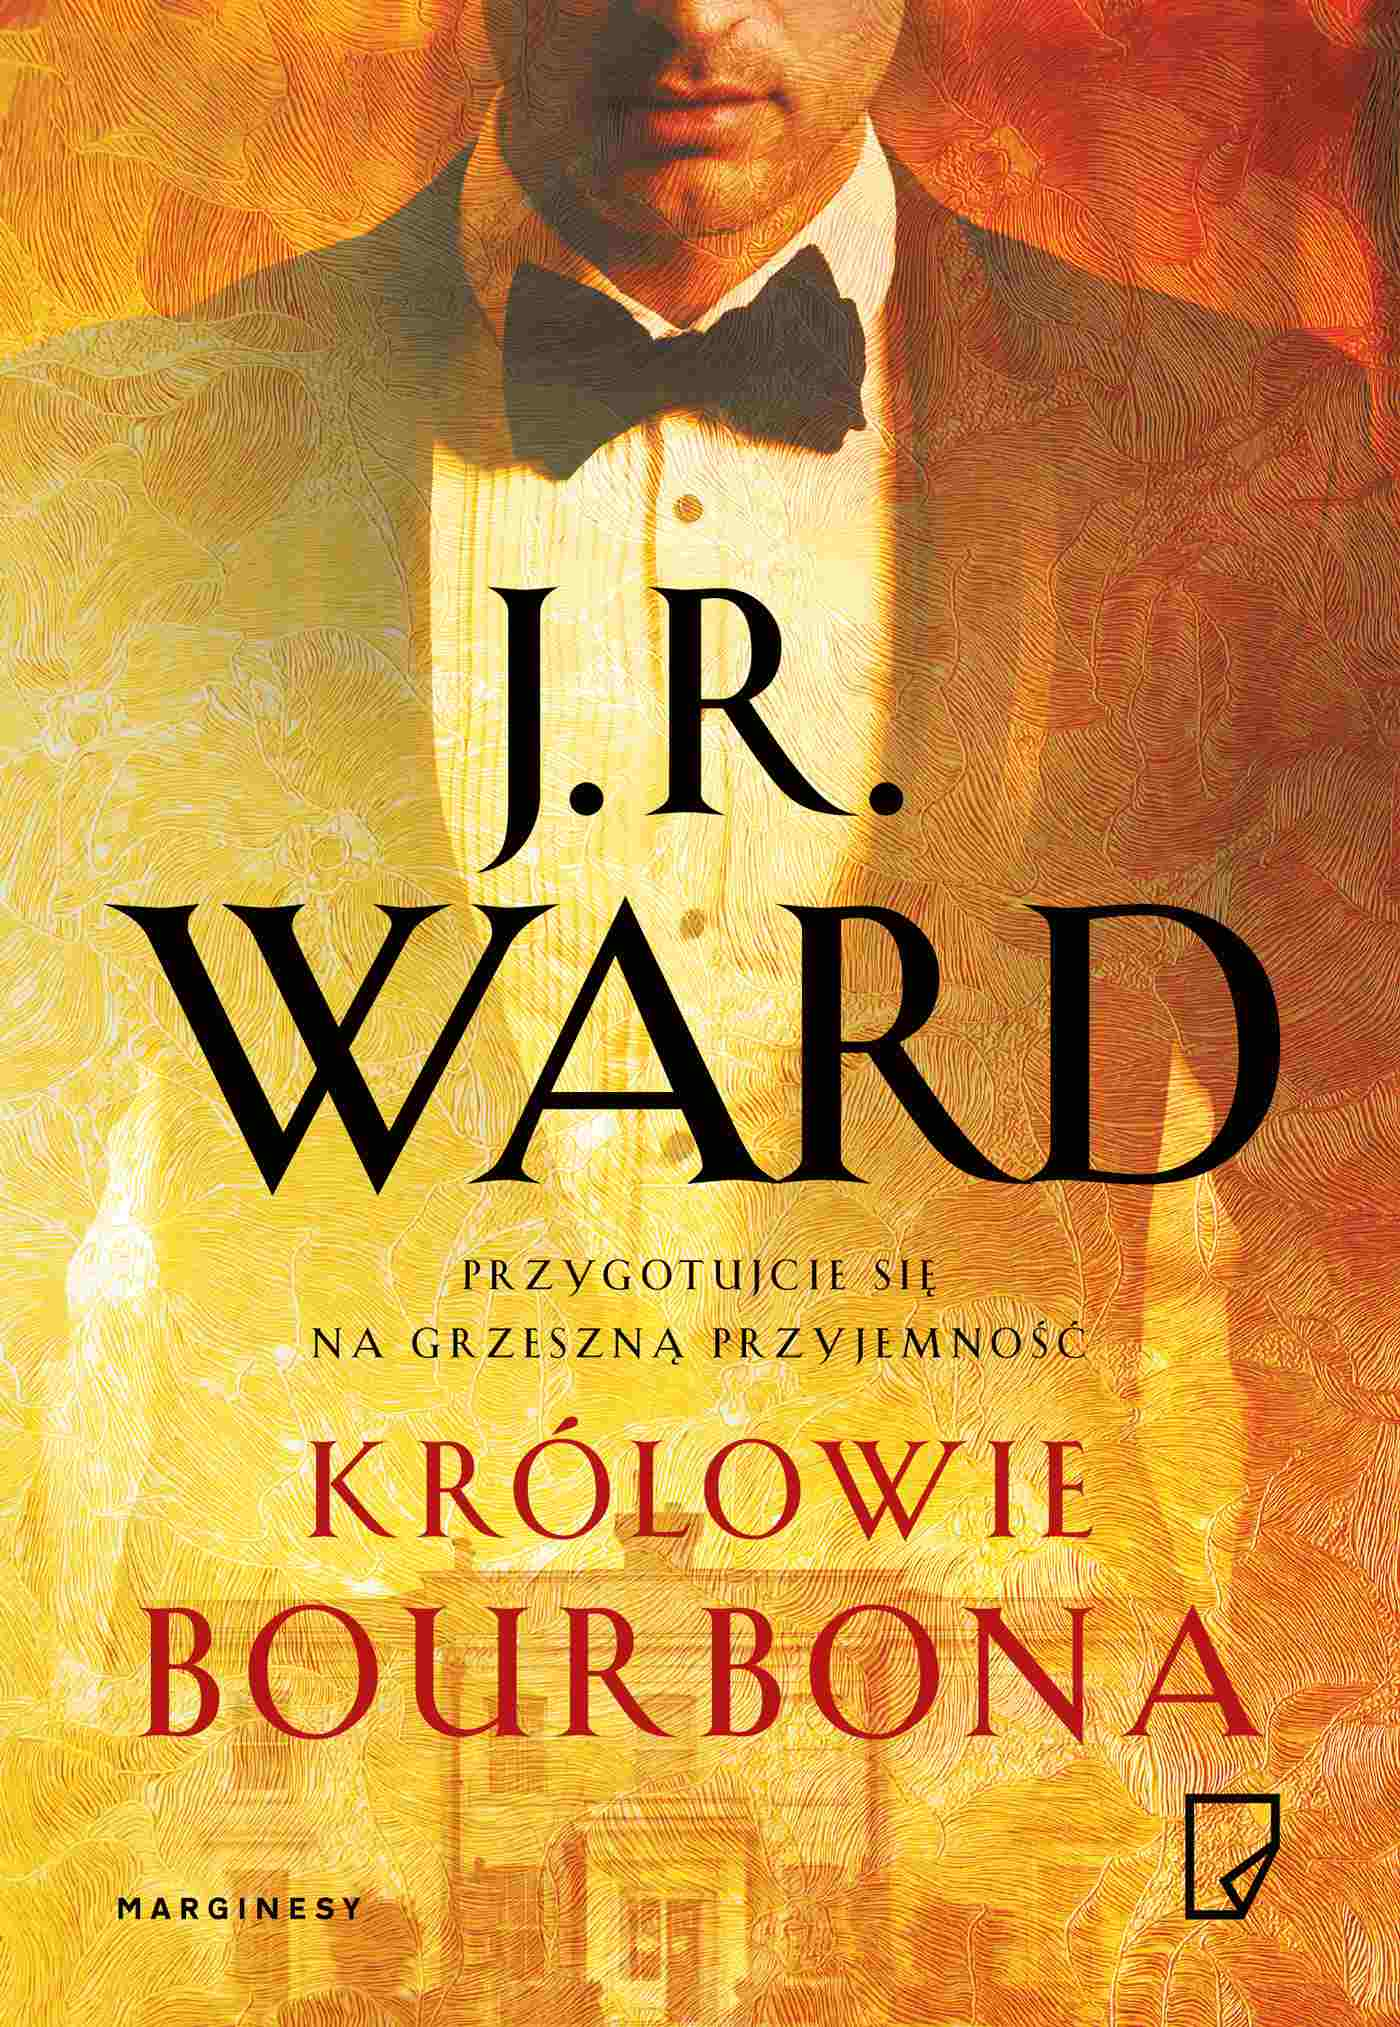 Królowie bourbona - Ebook (Książka EPUB) do pobrania w formacie EPUB